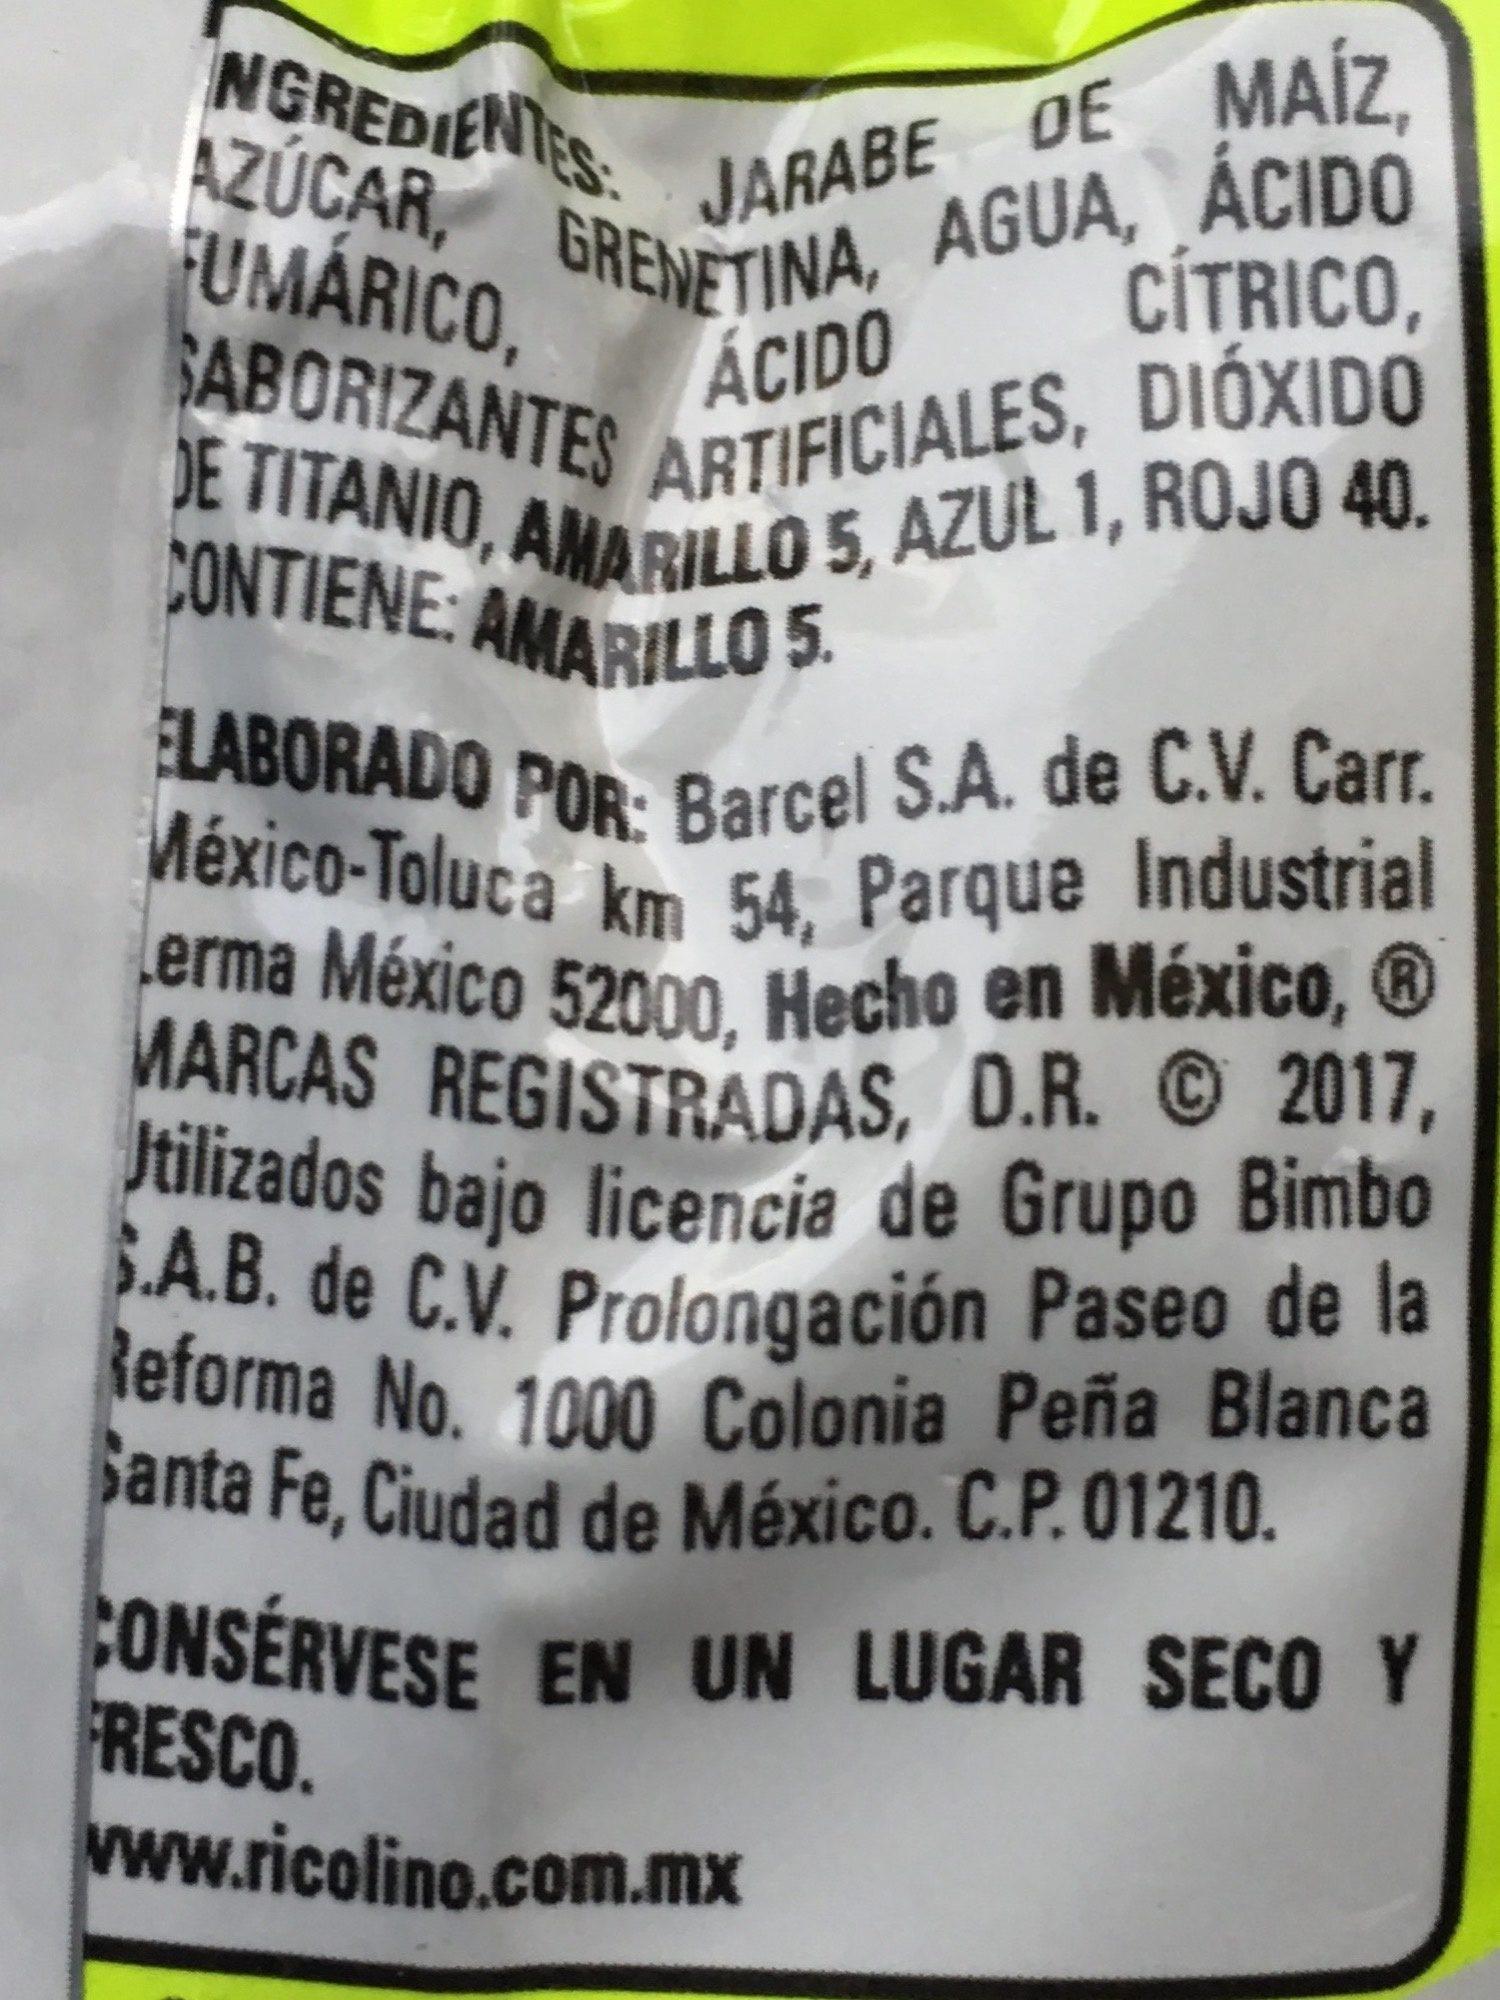 Panditas con sabores ácidos - Ingredients